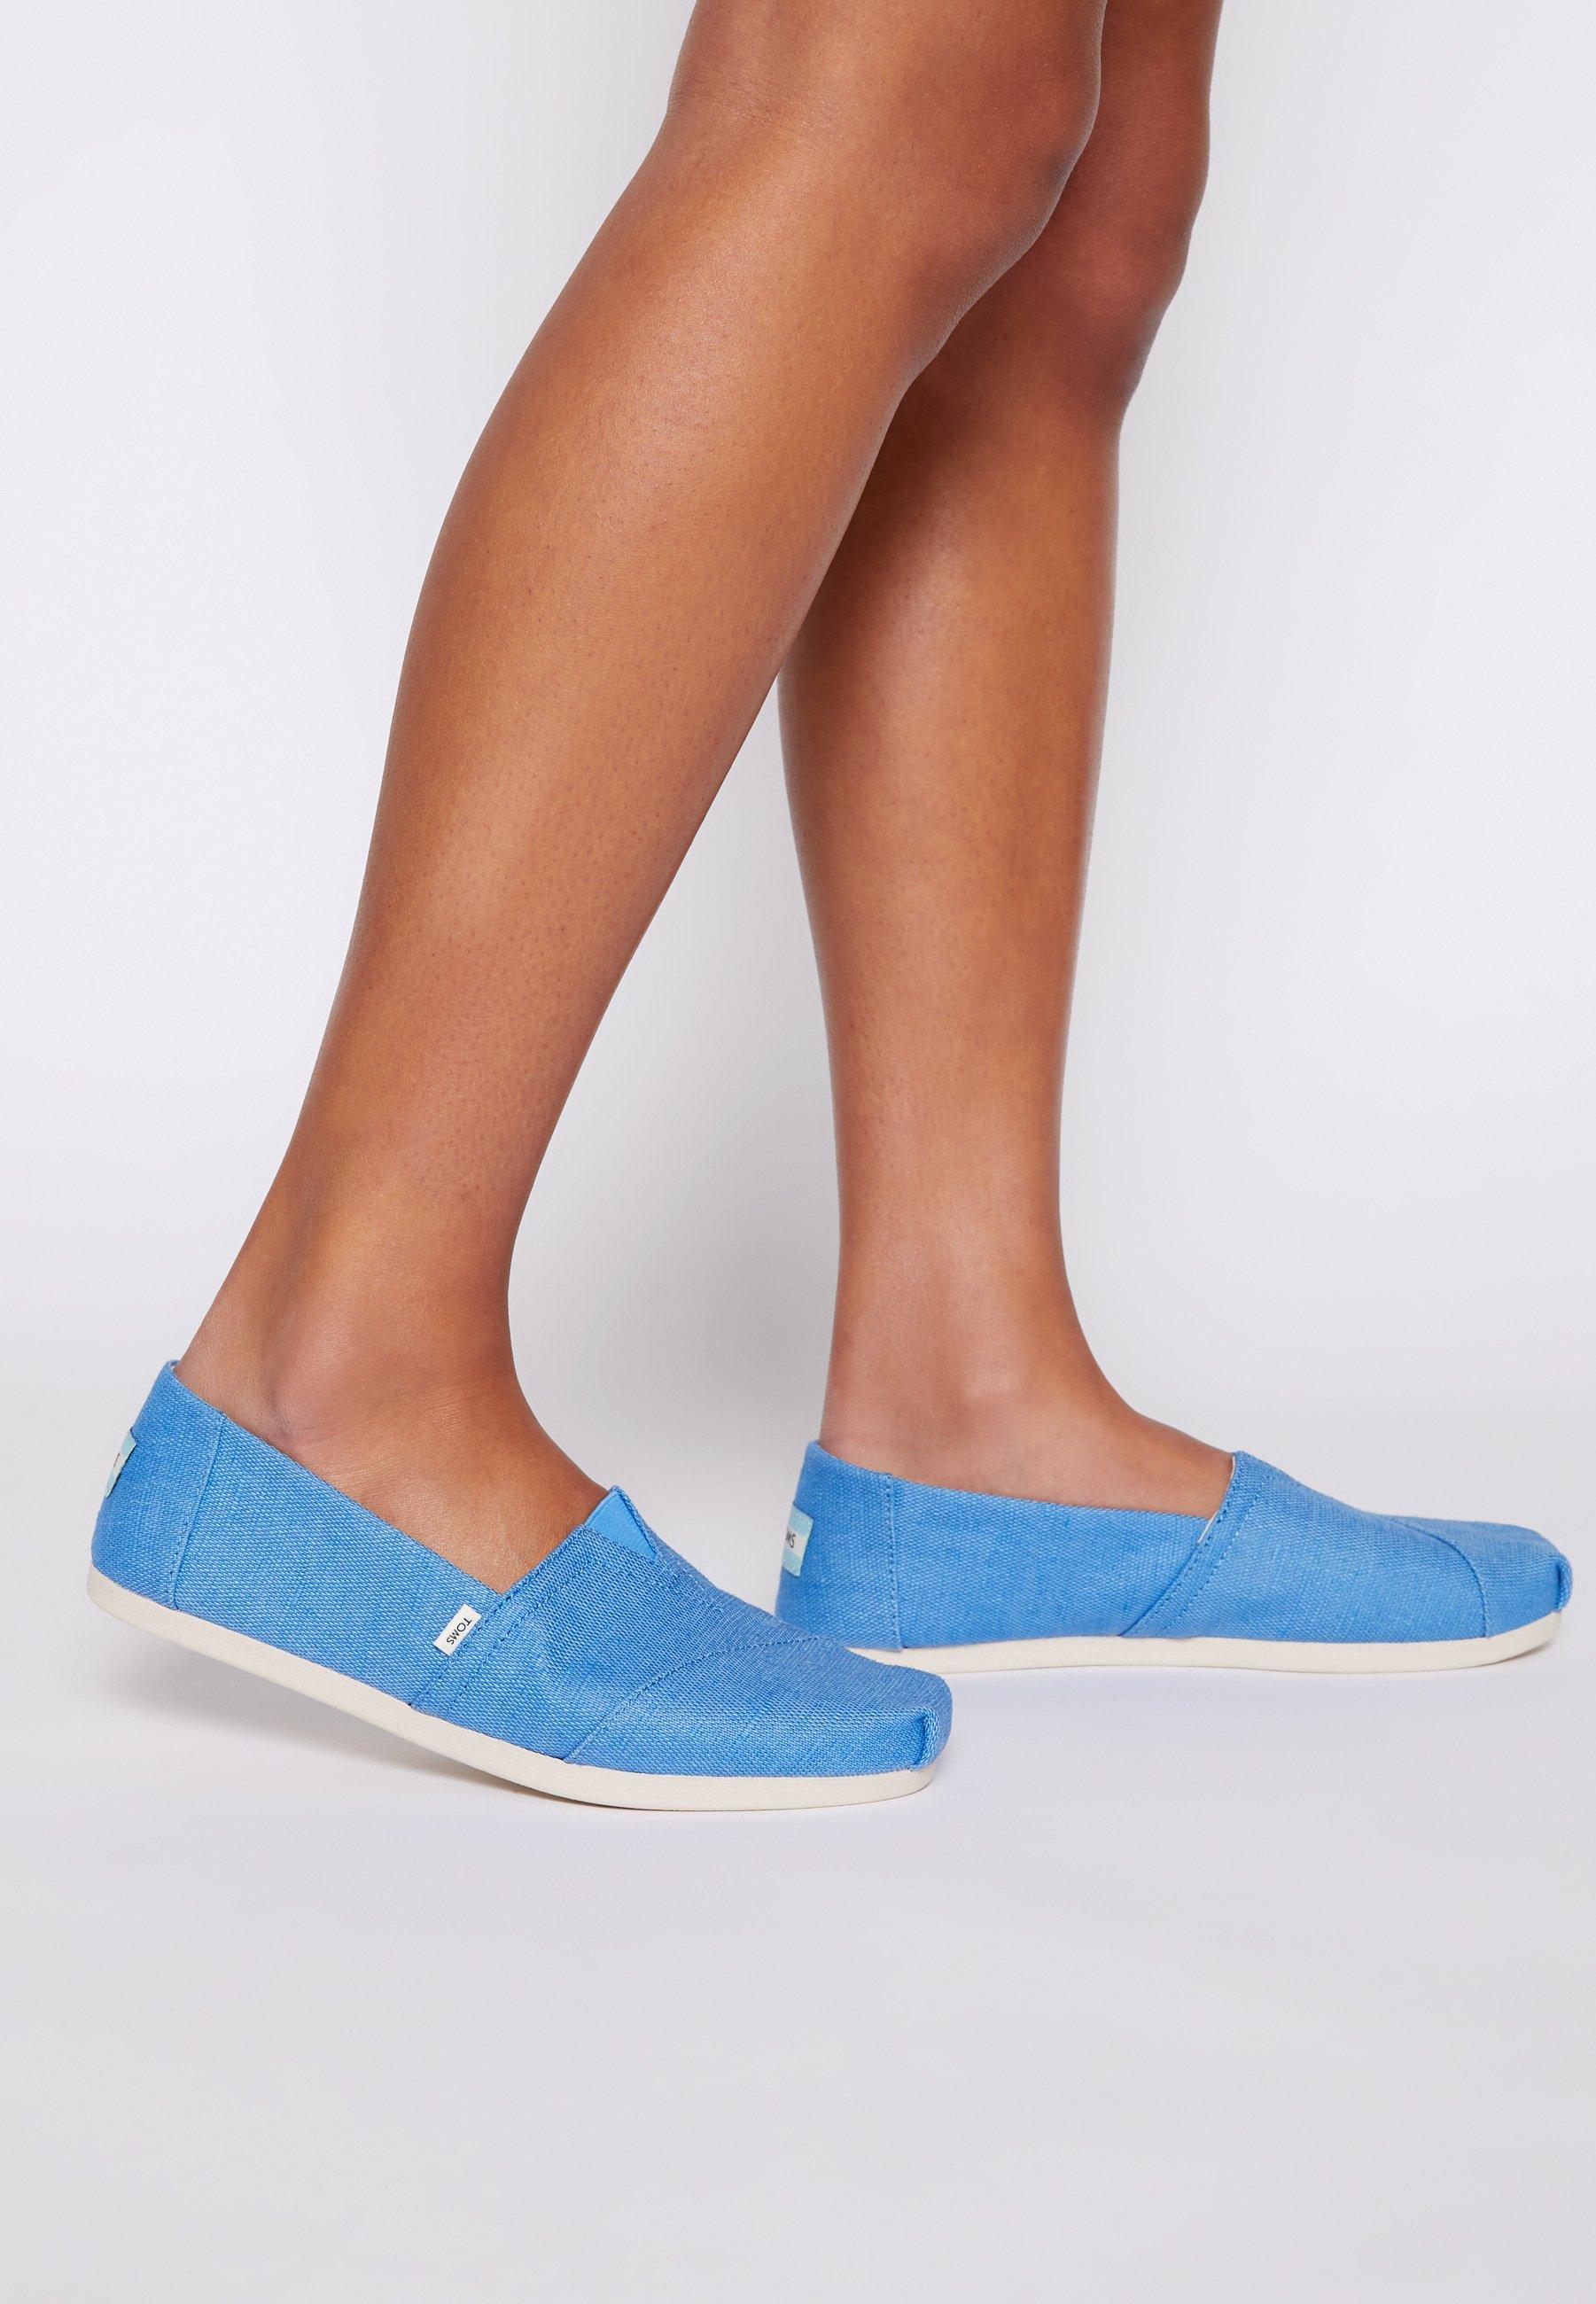 Women ALPARGATA VEGAN - Slip-ons - azure blue